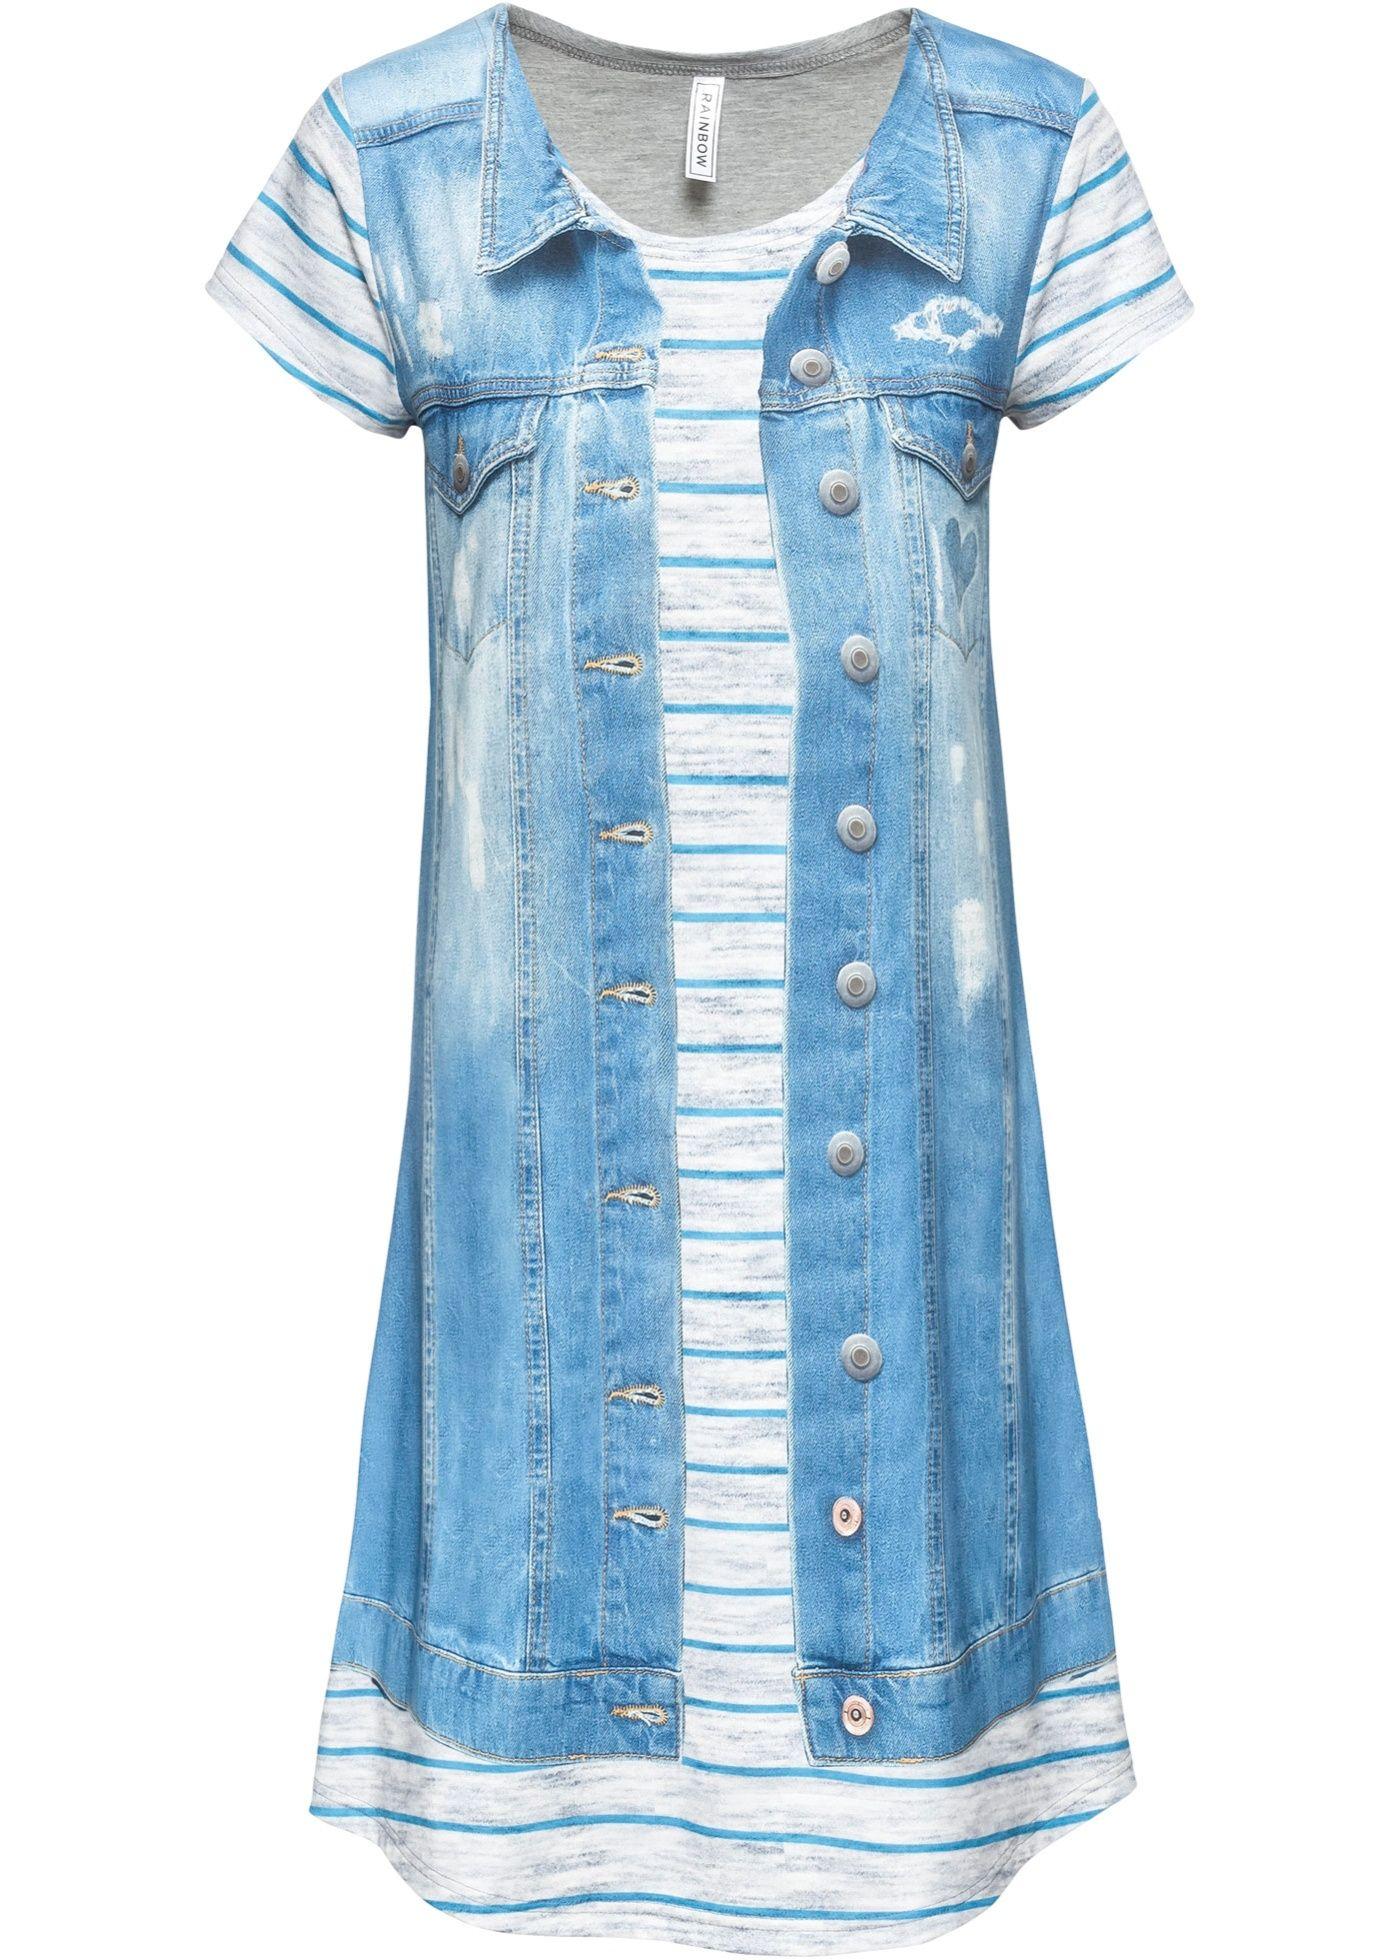 Kleid mit Jeansprint  Kleider, Outfit und Kleid mit ärmel